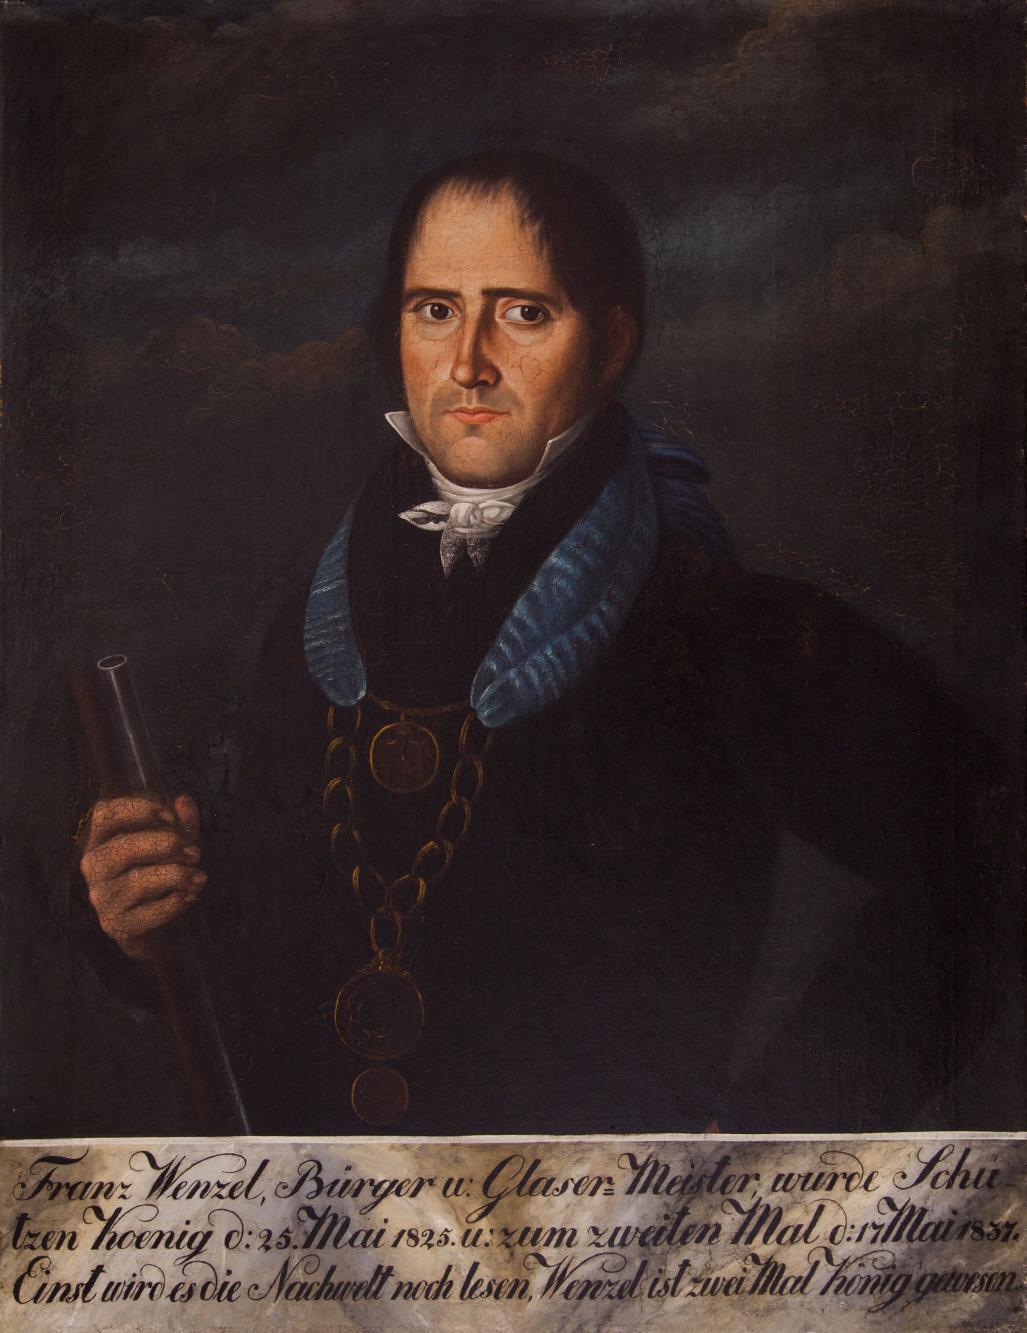 Portret króla kurkowego Franza Wenzela